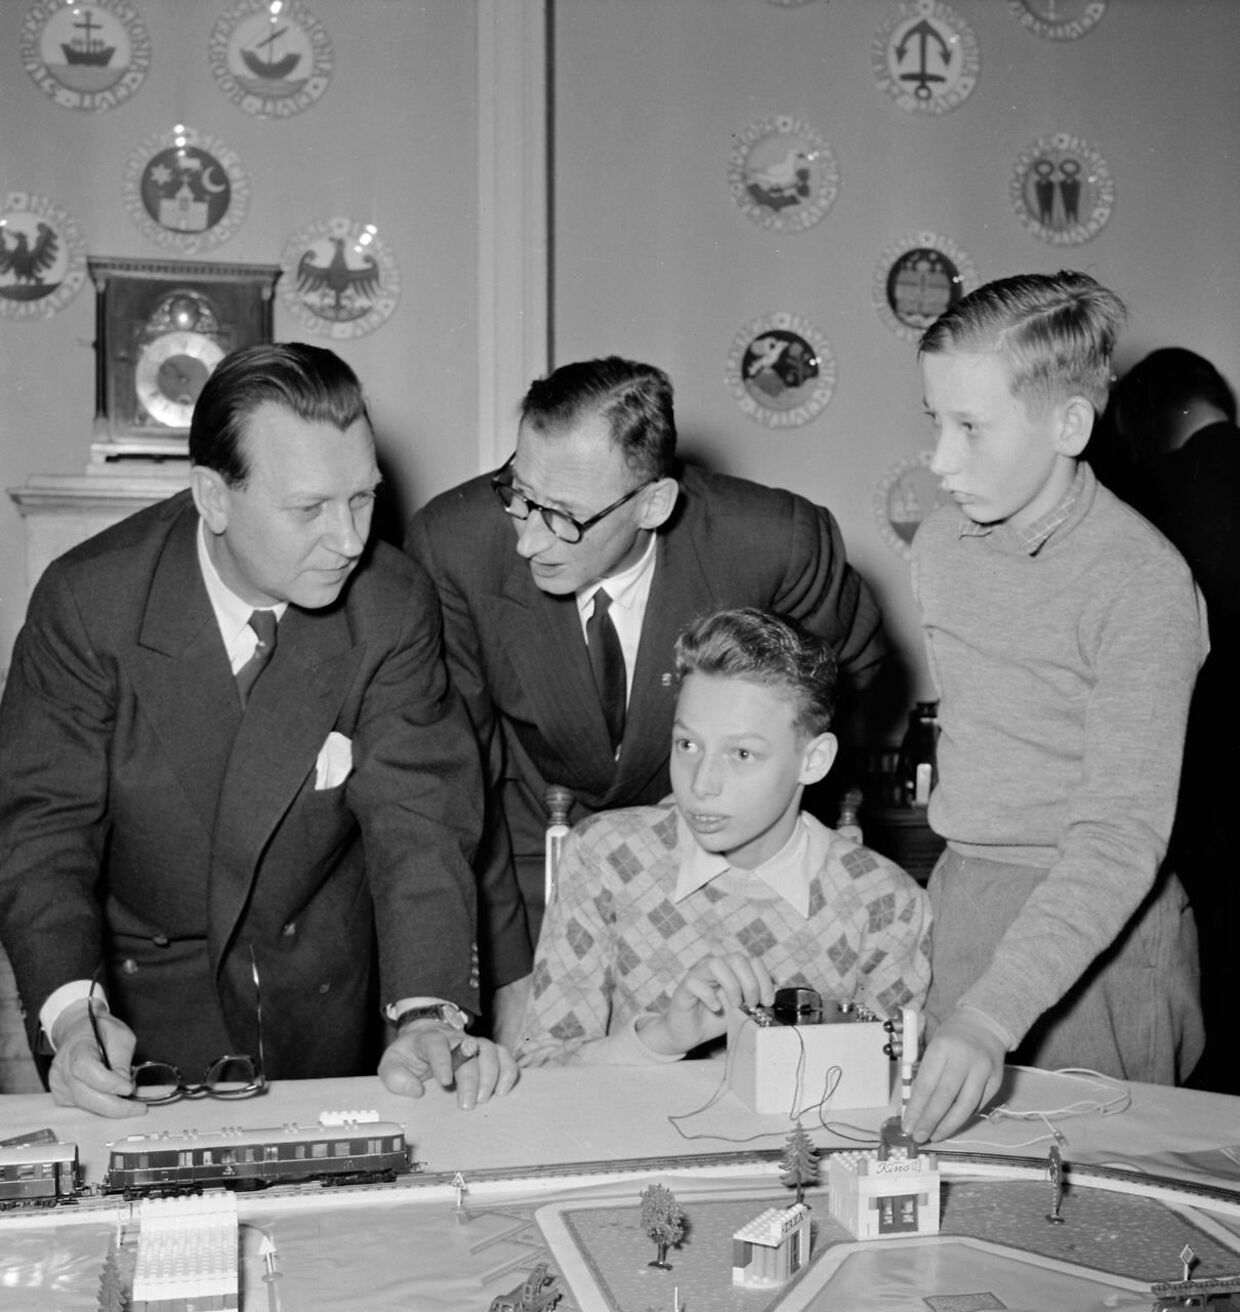 Modeltog har altid været et hit for drenge – tilsyneladende også for prins Ingolf og hans lillebror, prins Christian. De ses her sammen med statsminister H.C. Hansen samt deres far, arveprins Knud.